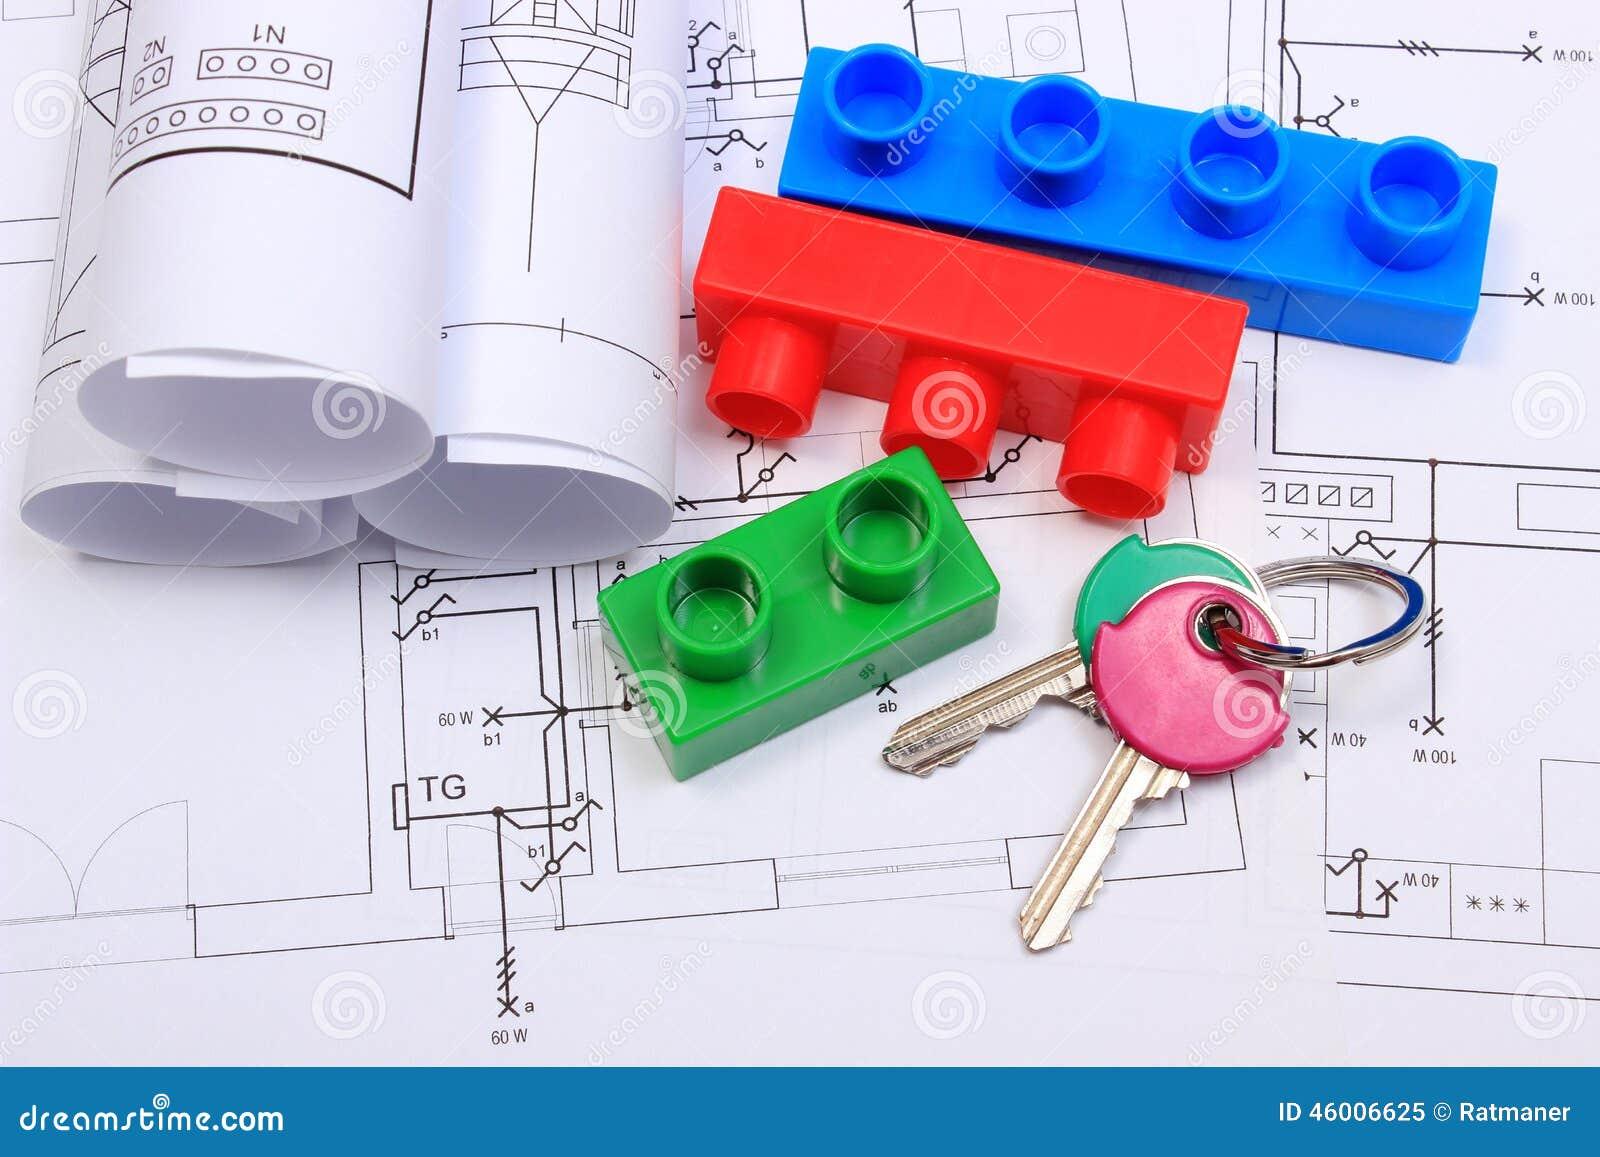 Schemi Elettrici Per Casa : Chiavi domestiche particelle elementari e diagrammi elettrici sul